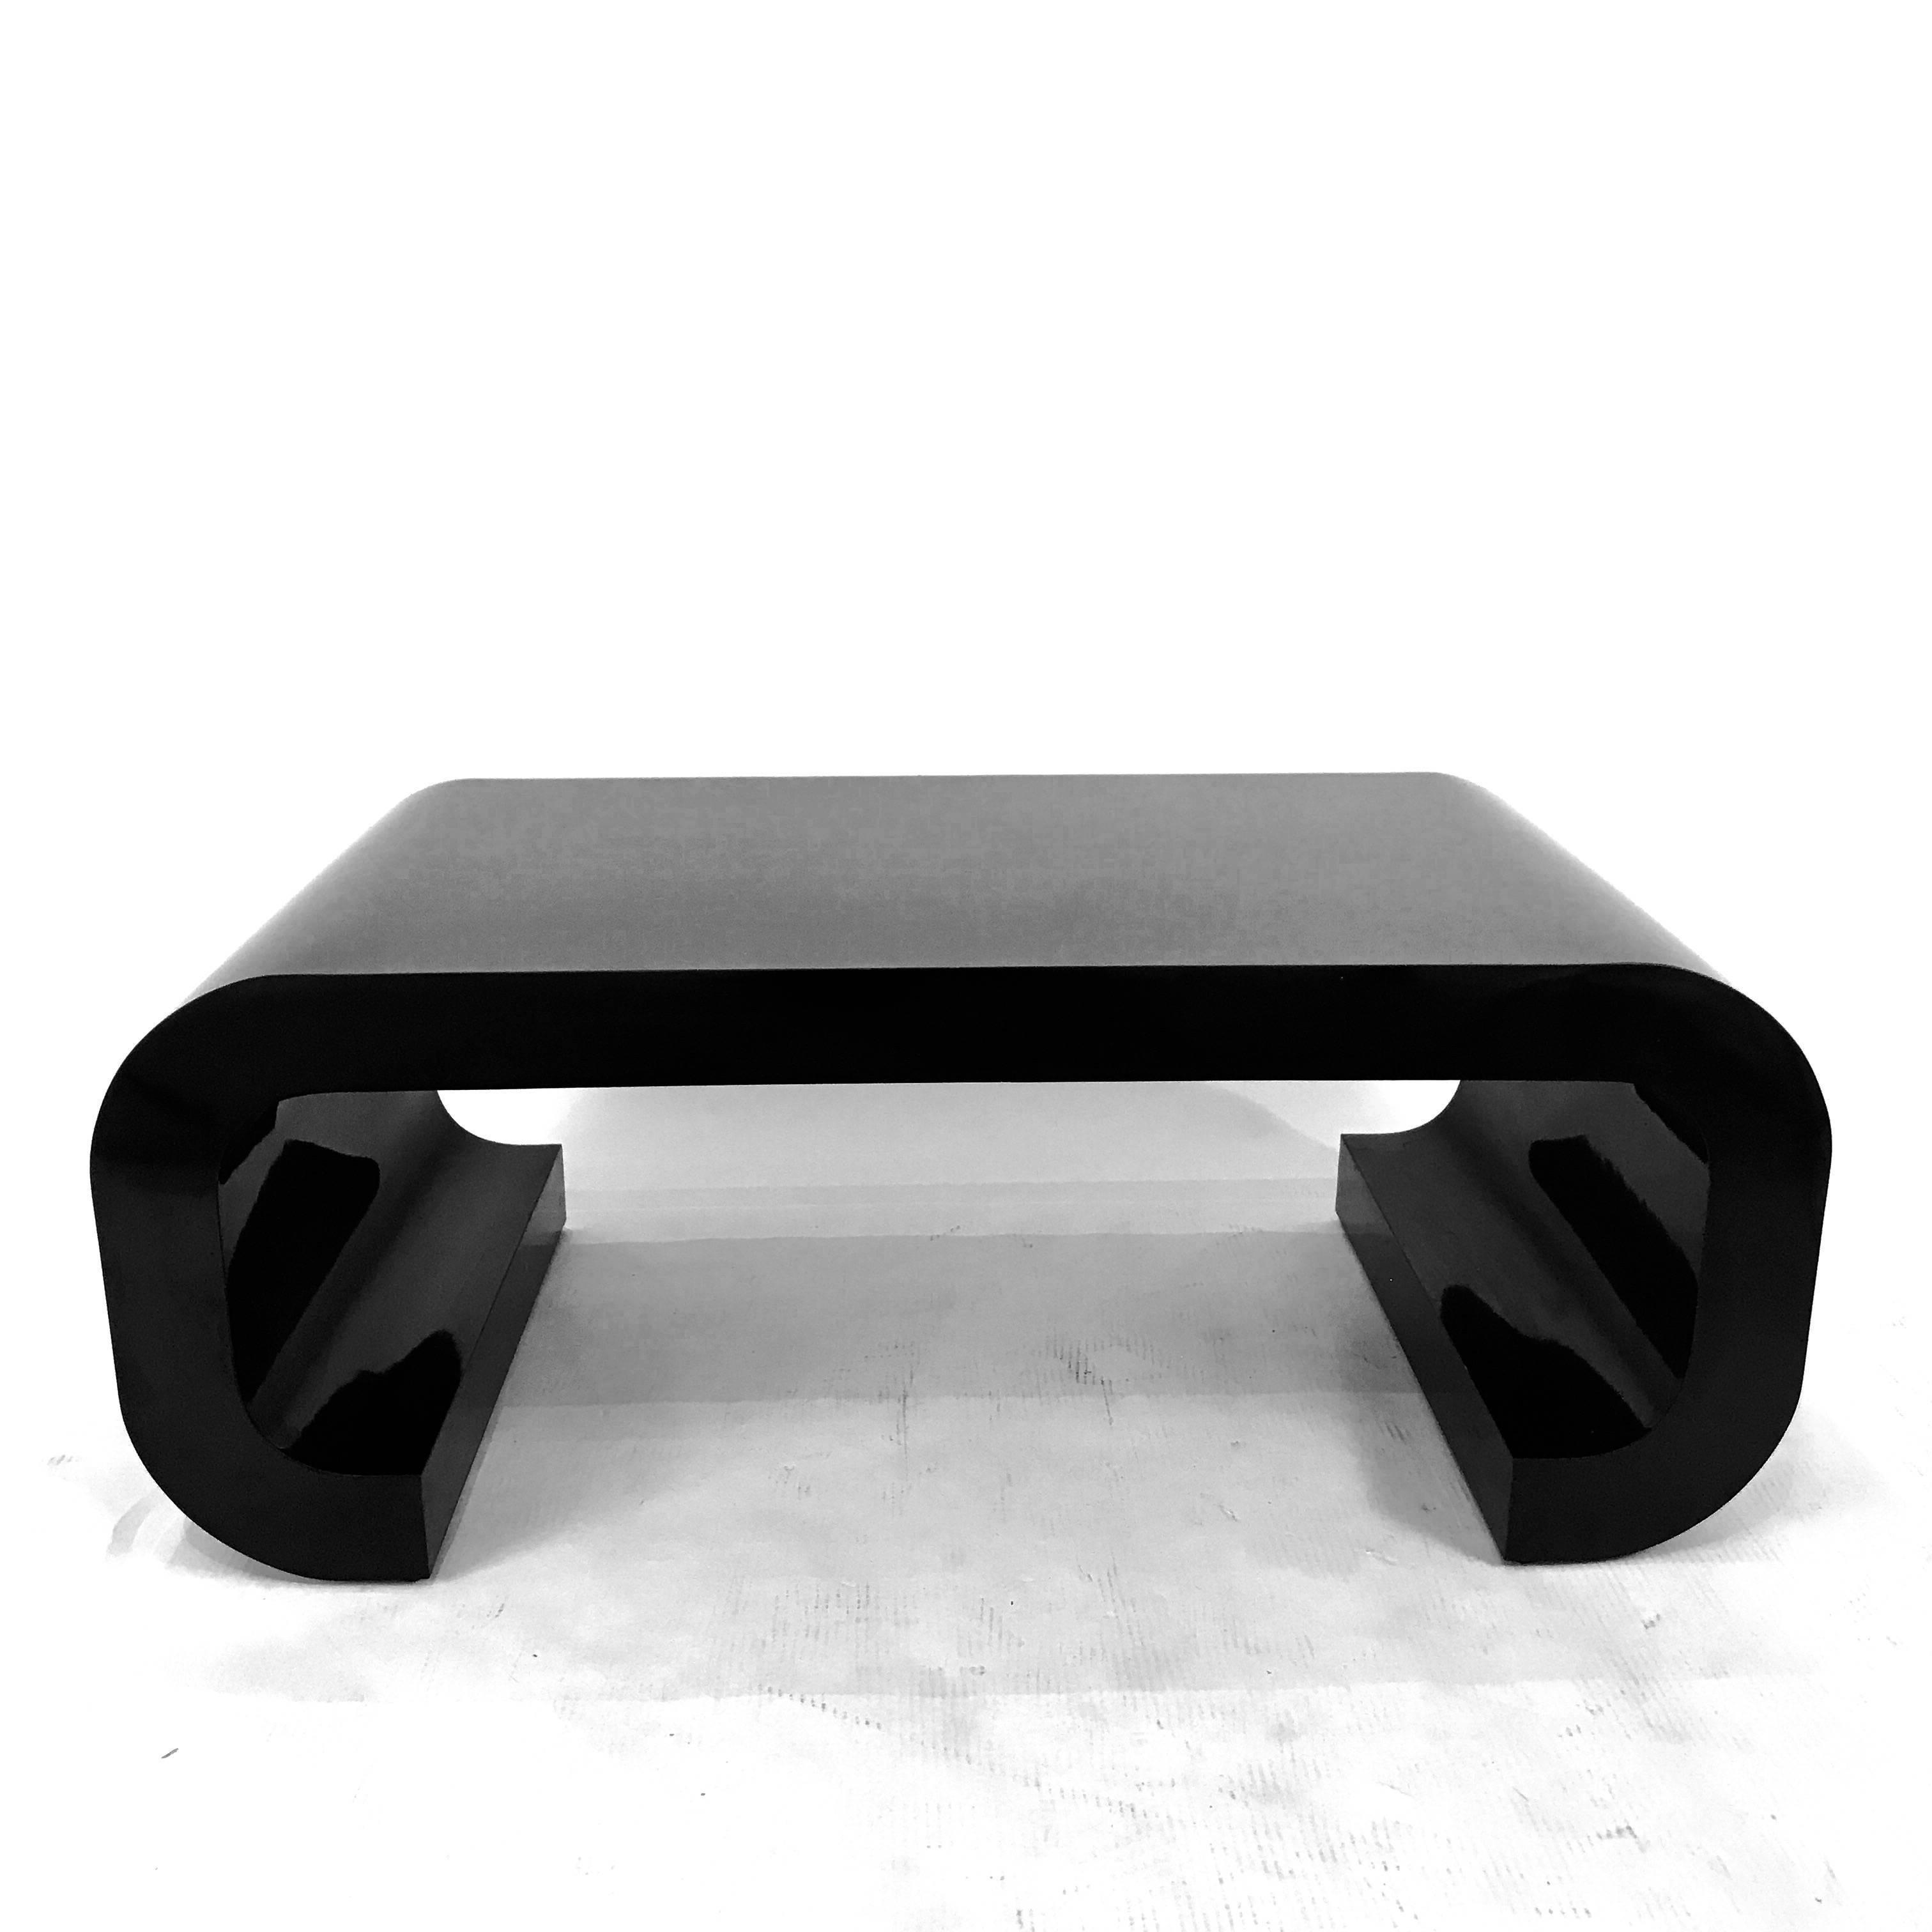 Modern black coffee table Modern Style Midcentury Modern Sleek Modern Black Laminate Curved Coffee Table In The Manner Of Karl 1stdibs Sleek Modern Black Laminate Curved Coffee Table In The Manner Of